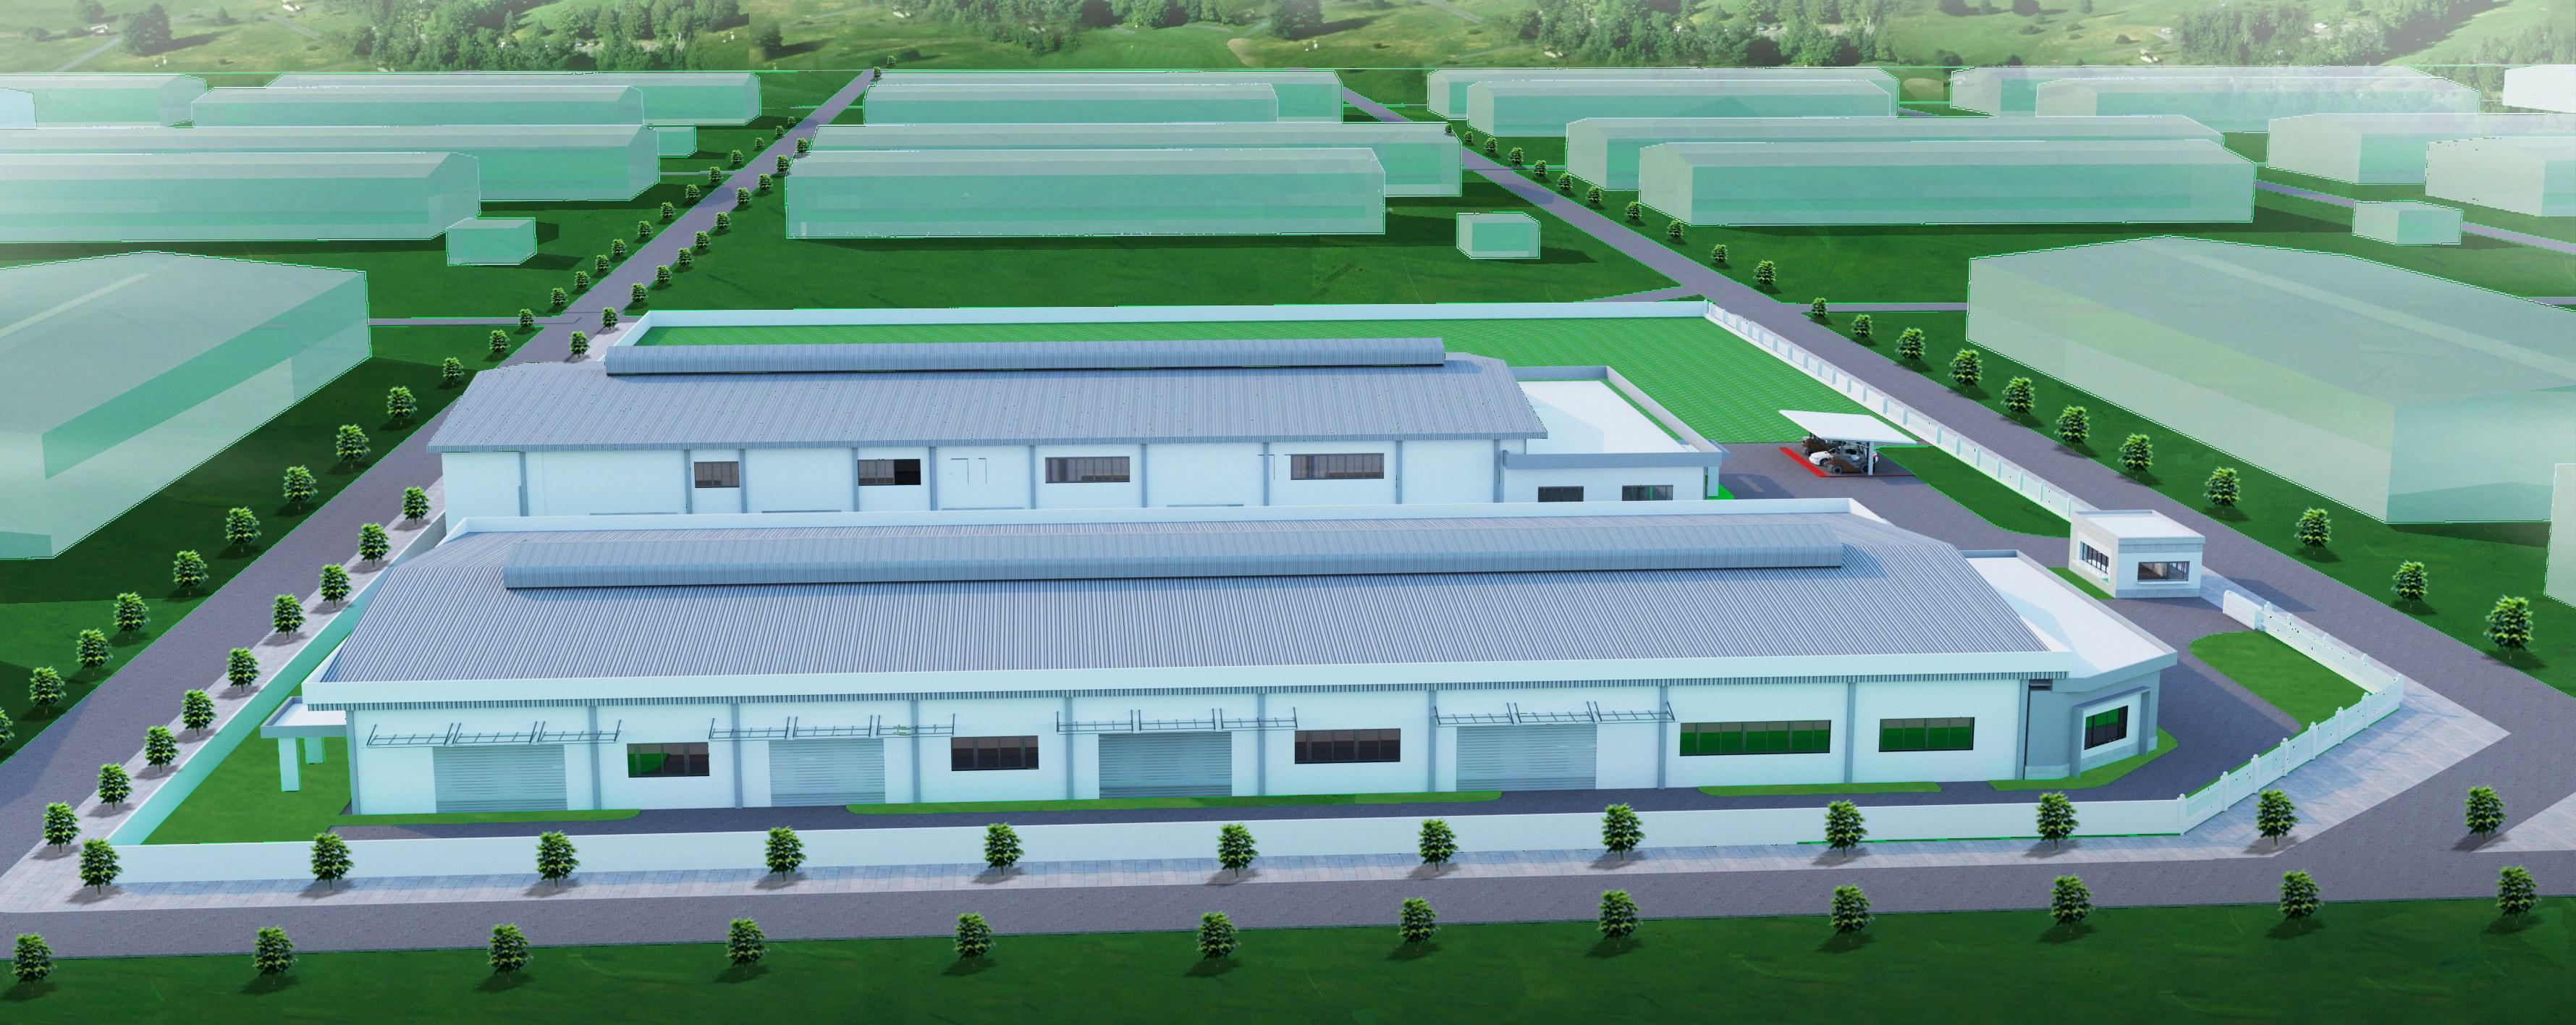 Tư vấn thiết kế nhà máy EPE giai đoạn II, Thủy Nguyên - Hải Phòng